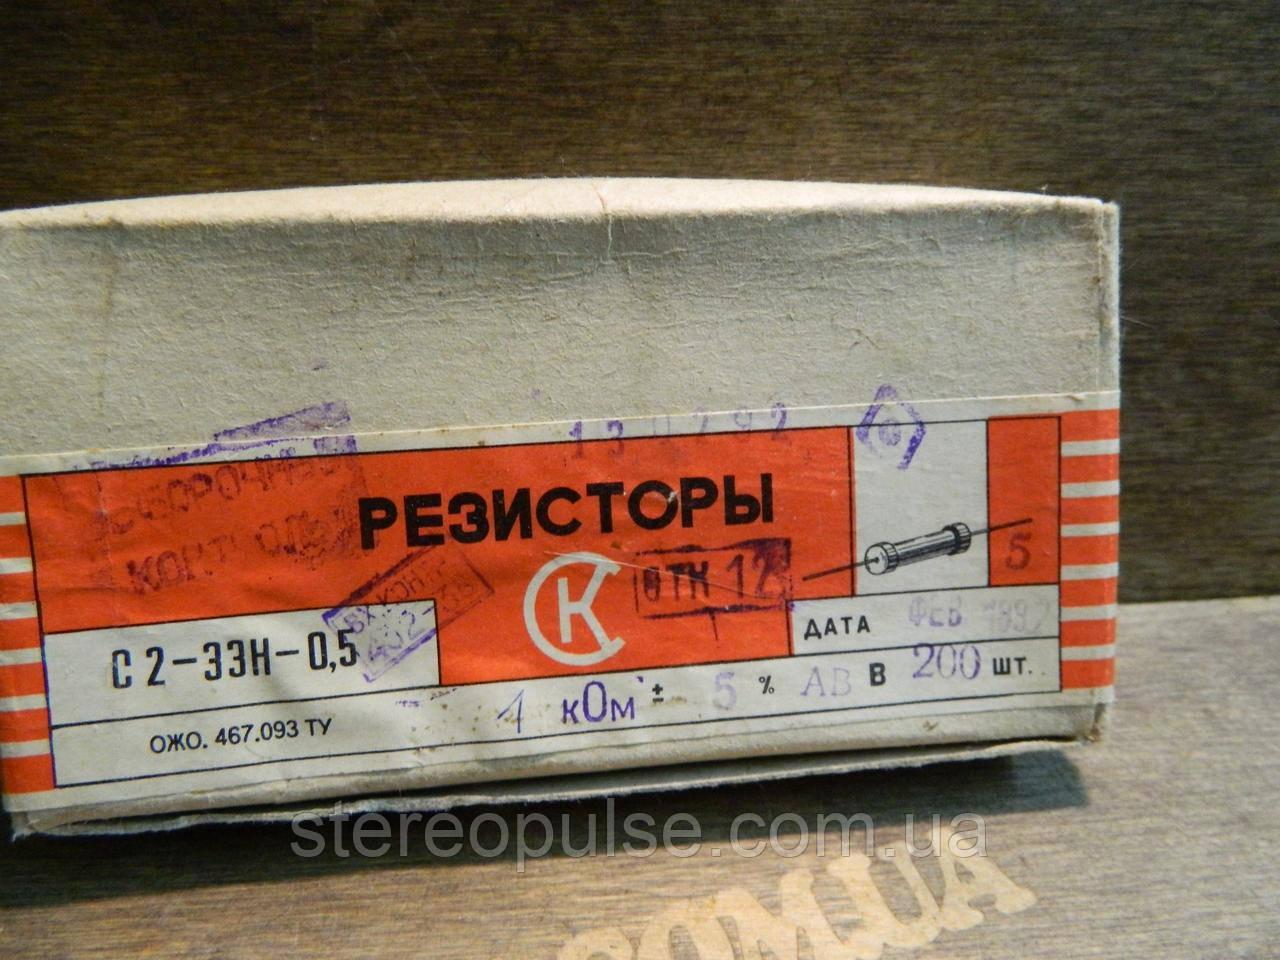 Резистор С2 - 33Н - 0.5 1 кОм 5%